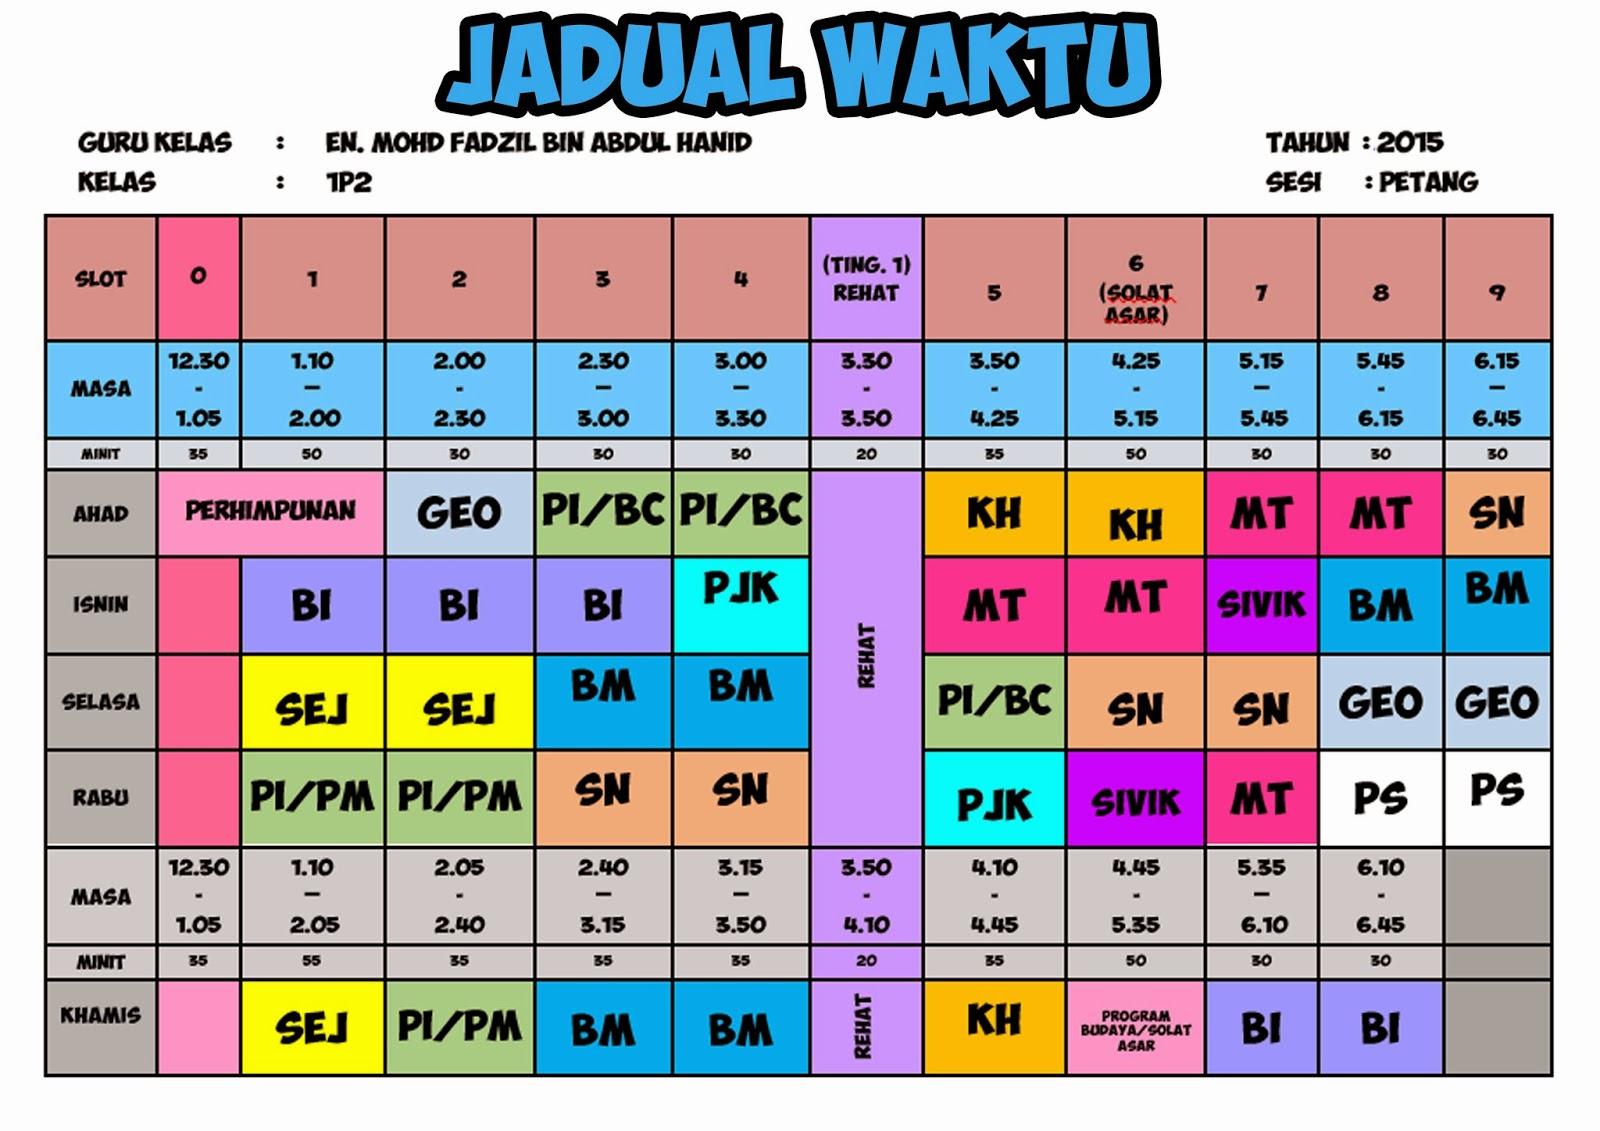 Design Untuk Kelas 2015 Cikgu Fadzil